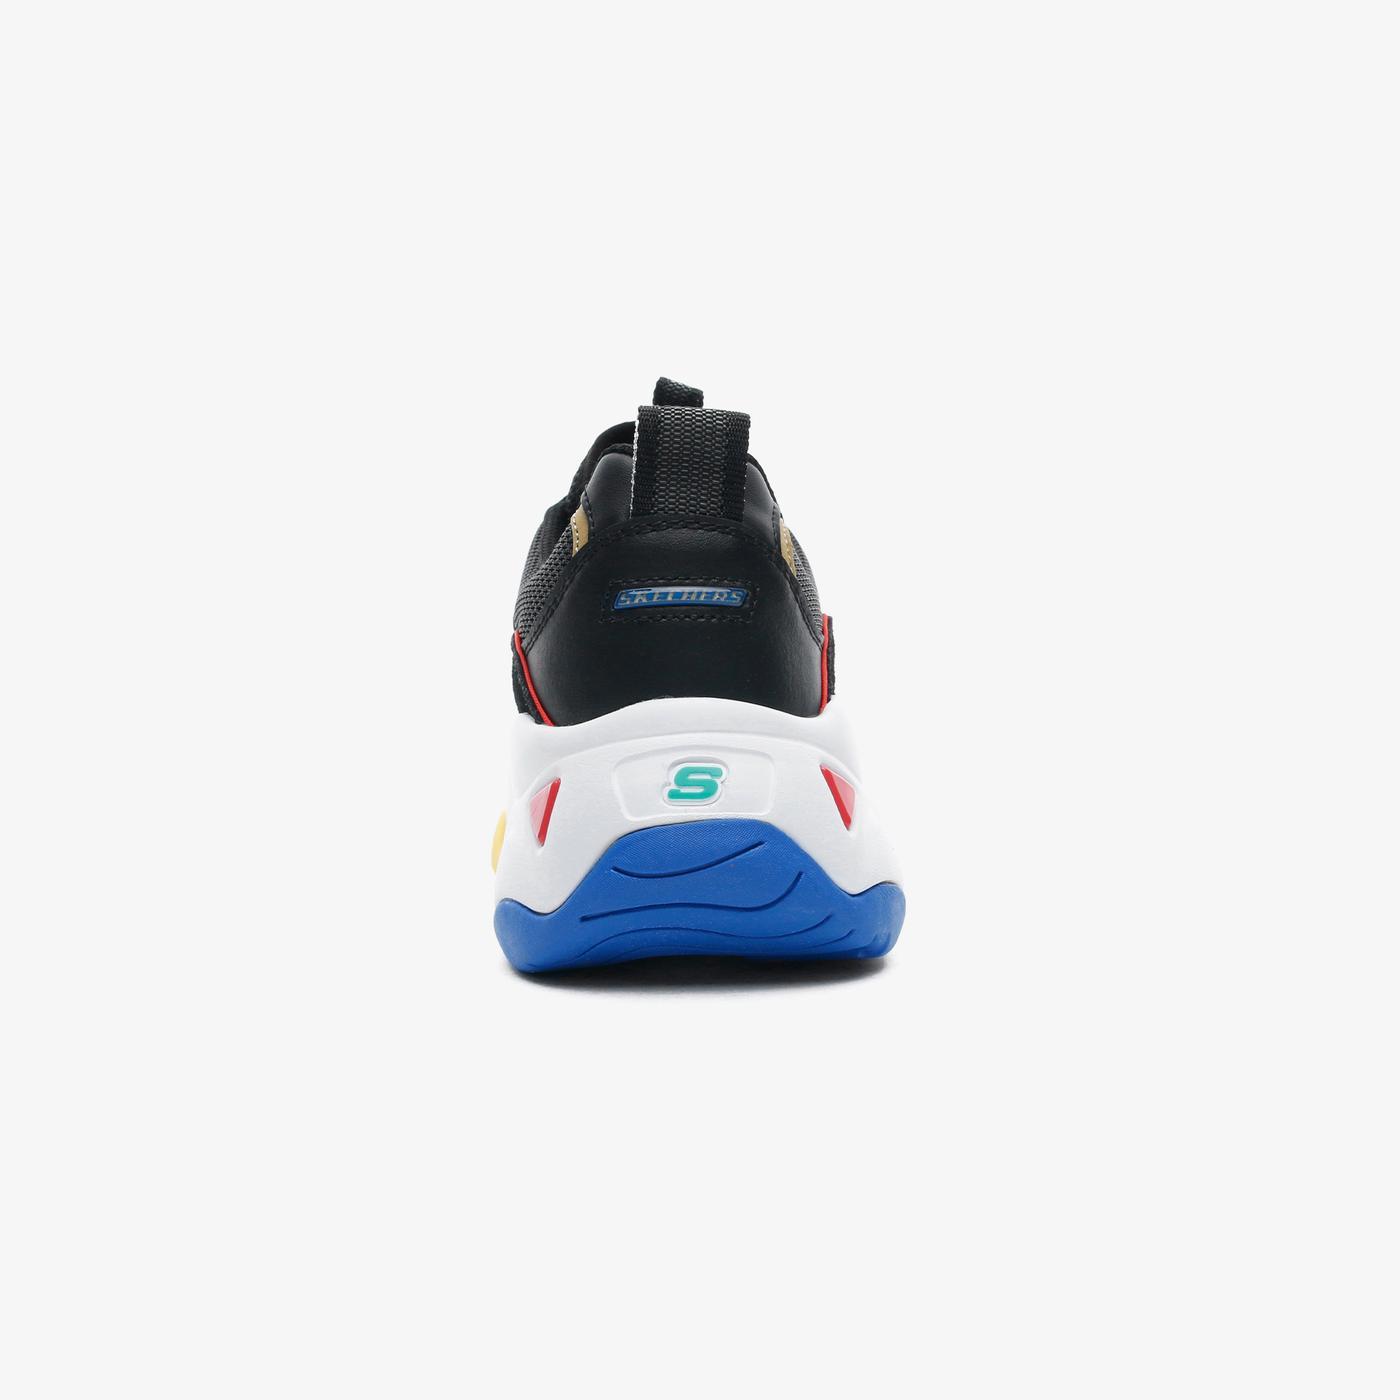 Skechers D'Lites 3.0 - Menlo Park Kadın Siyah Spor Ayakkabı